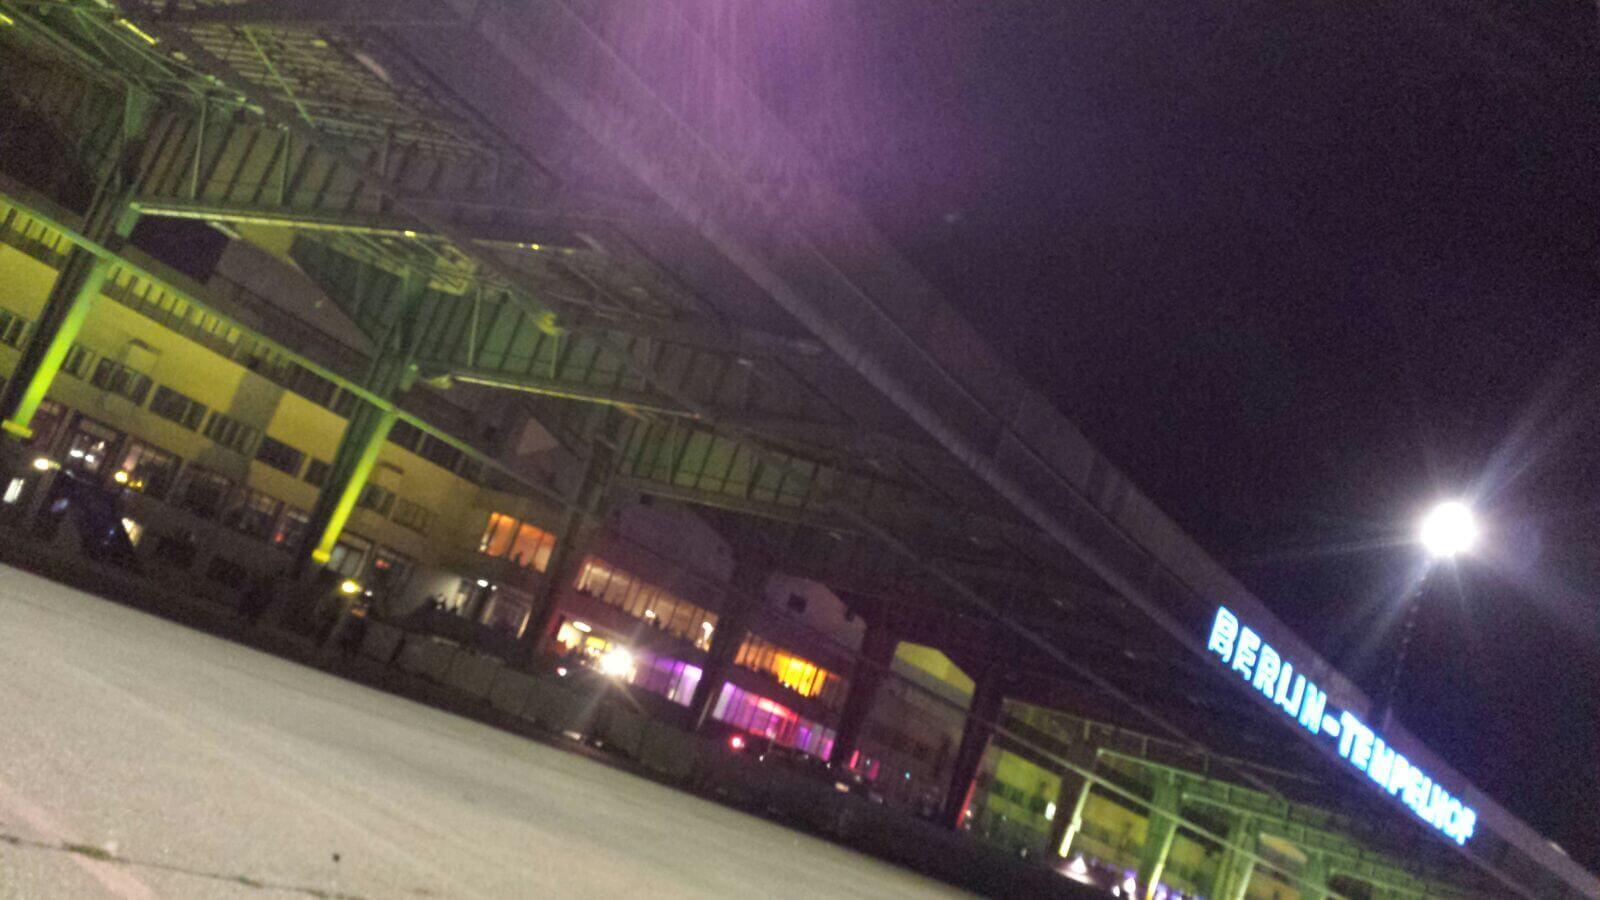 music blog, Berlin, music blogger, Lollapalooza Berlin 2015, Hangar, Tempelhofer Flughafen, Tempelhof Airport